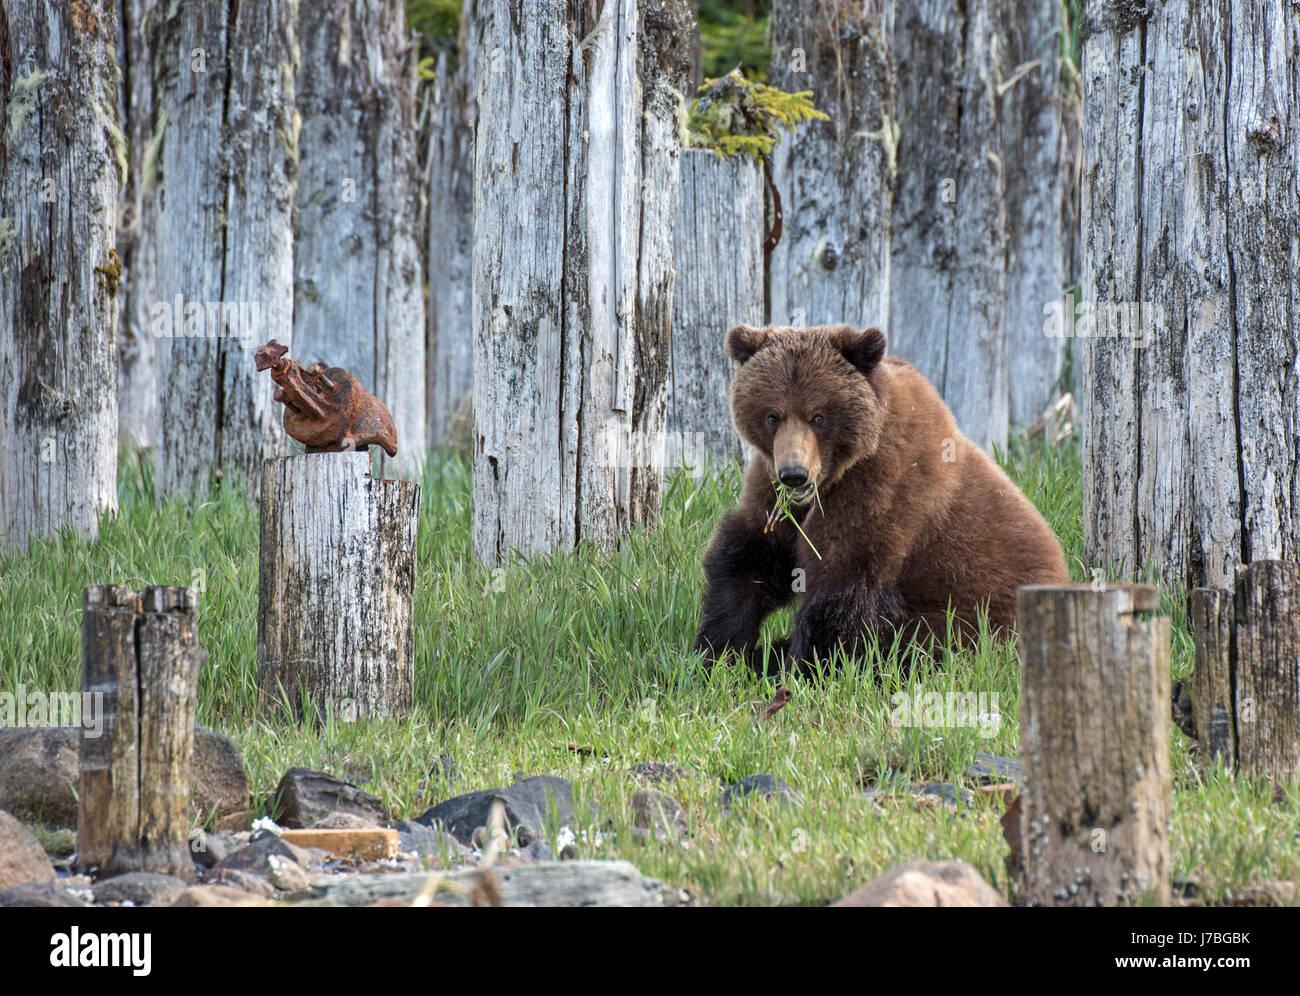 Grizzli mange de l'herbe dans le sud-est de l'Alaska Photo Stock